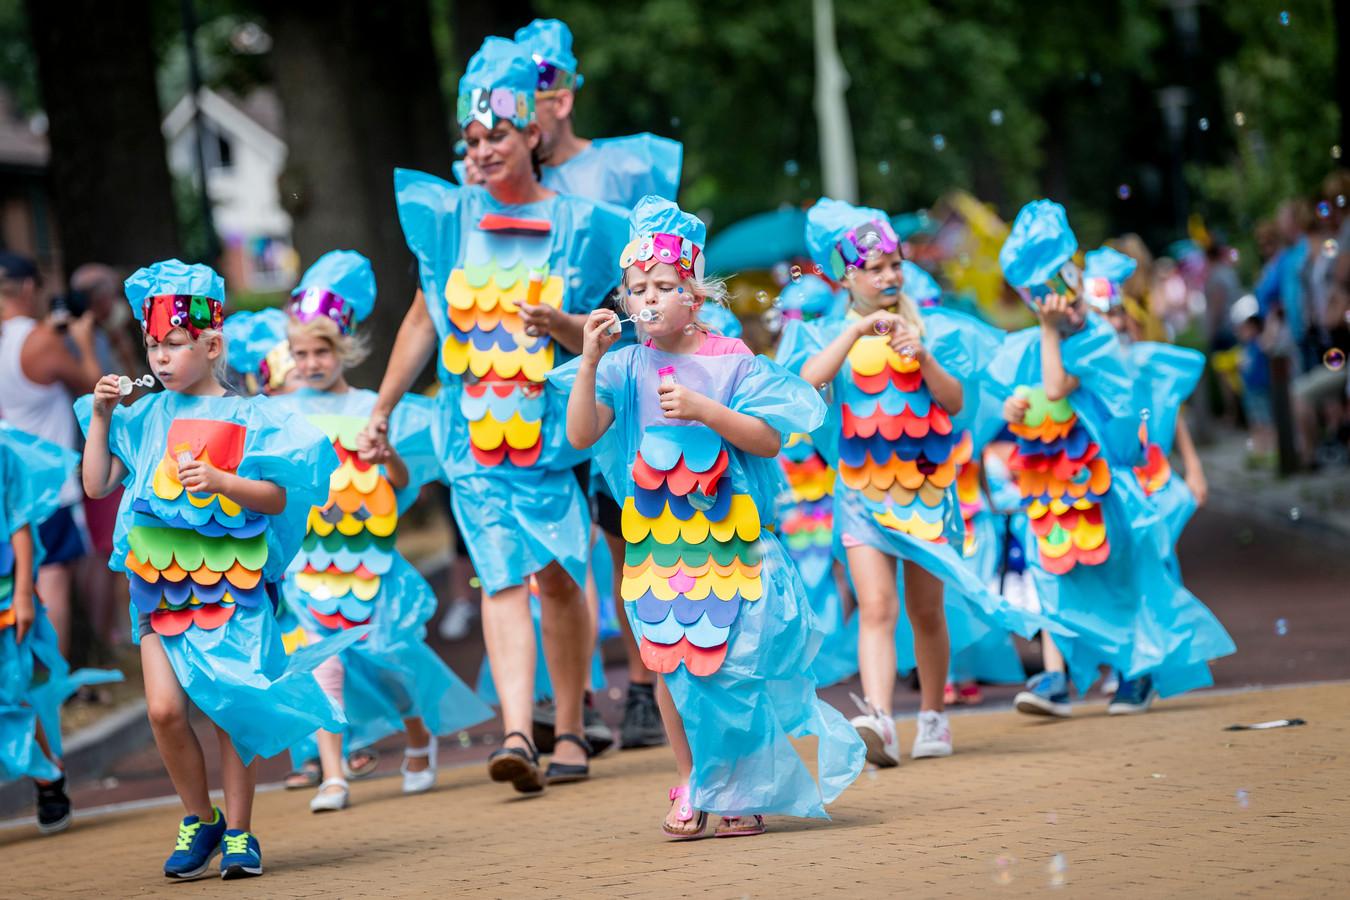 HAARLO - Optocht zomerfeesten door Haarlo EDITIE: ACHTERHOEK FOTO: Emiel Muijderman EVM20180706